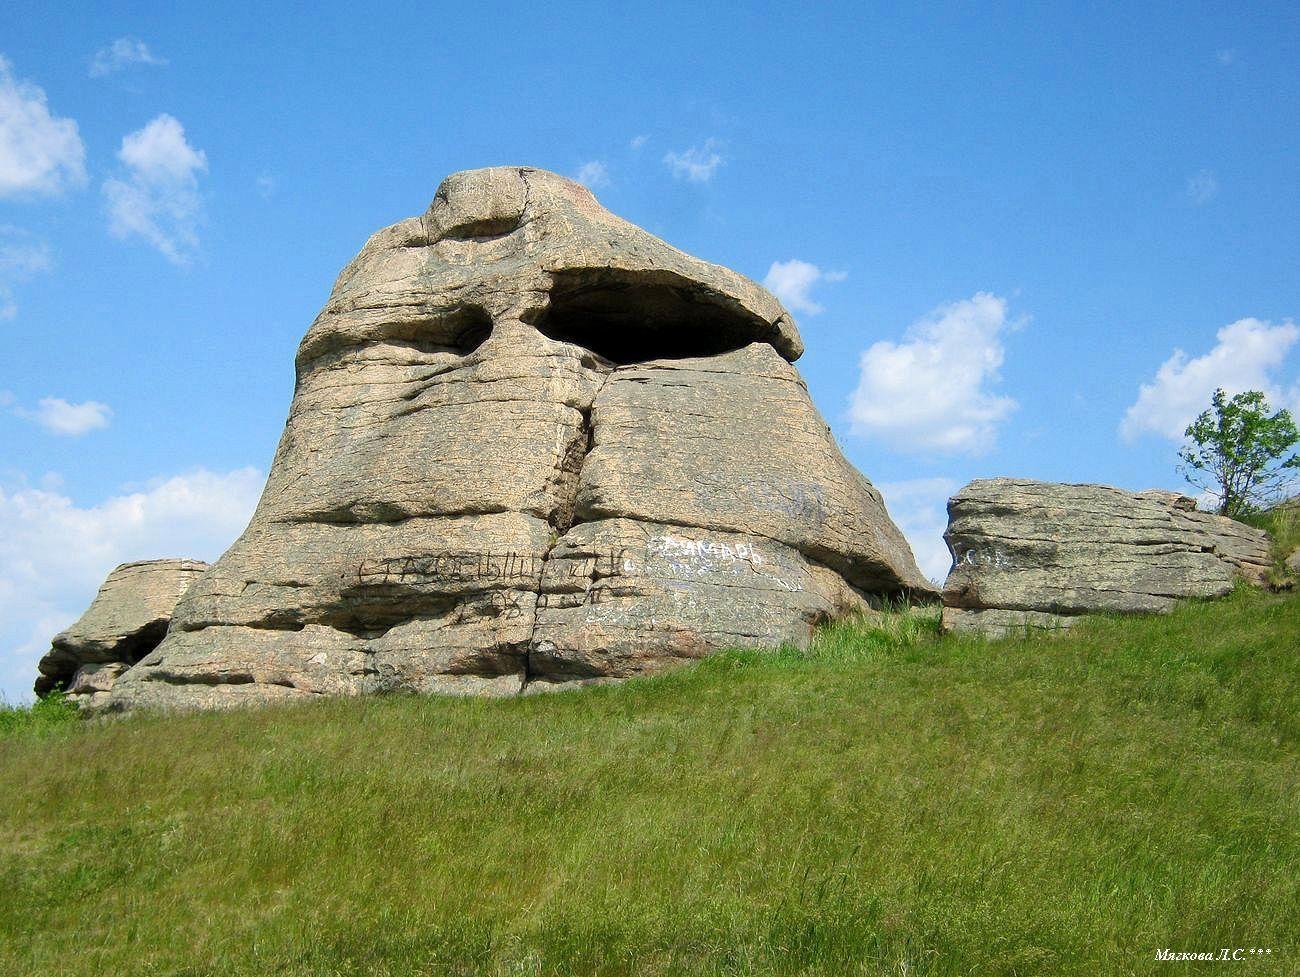 000 камень голова2.jpg